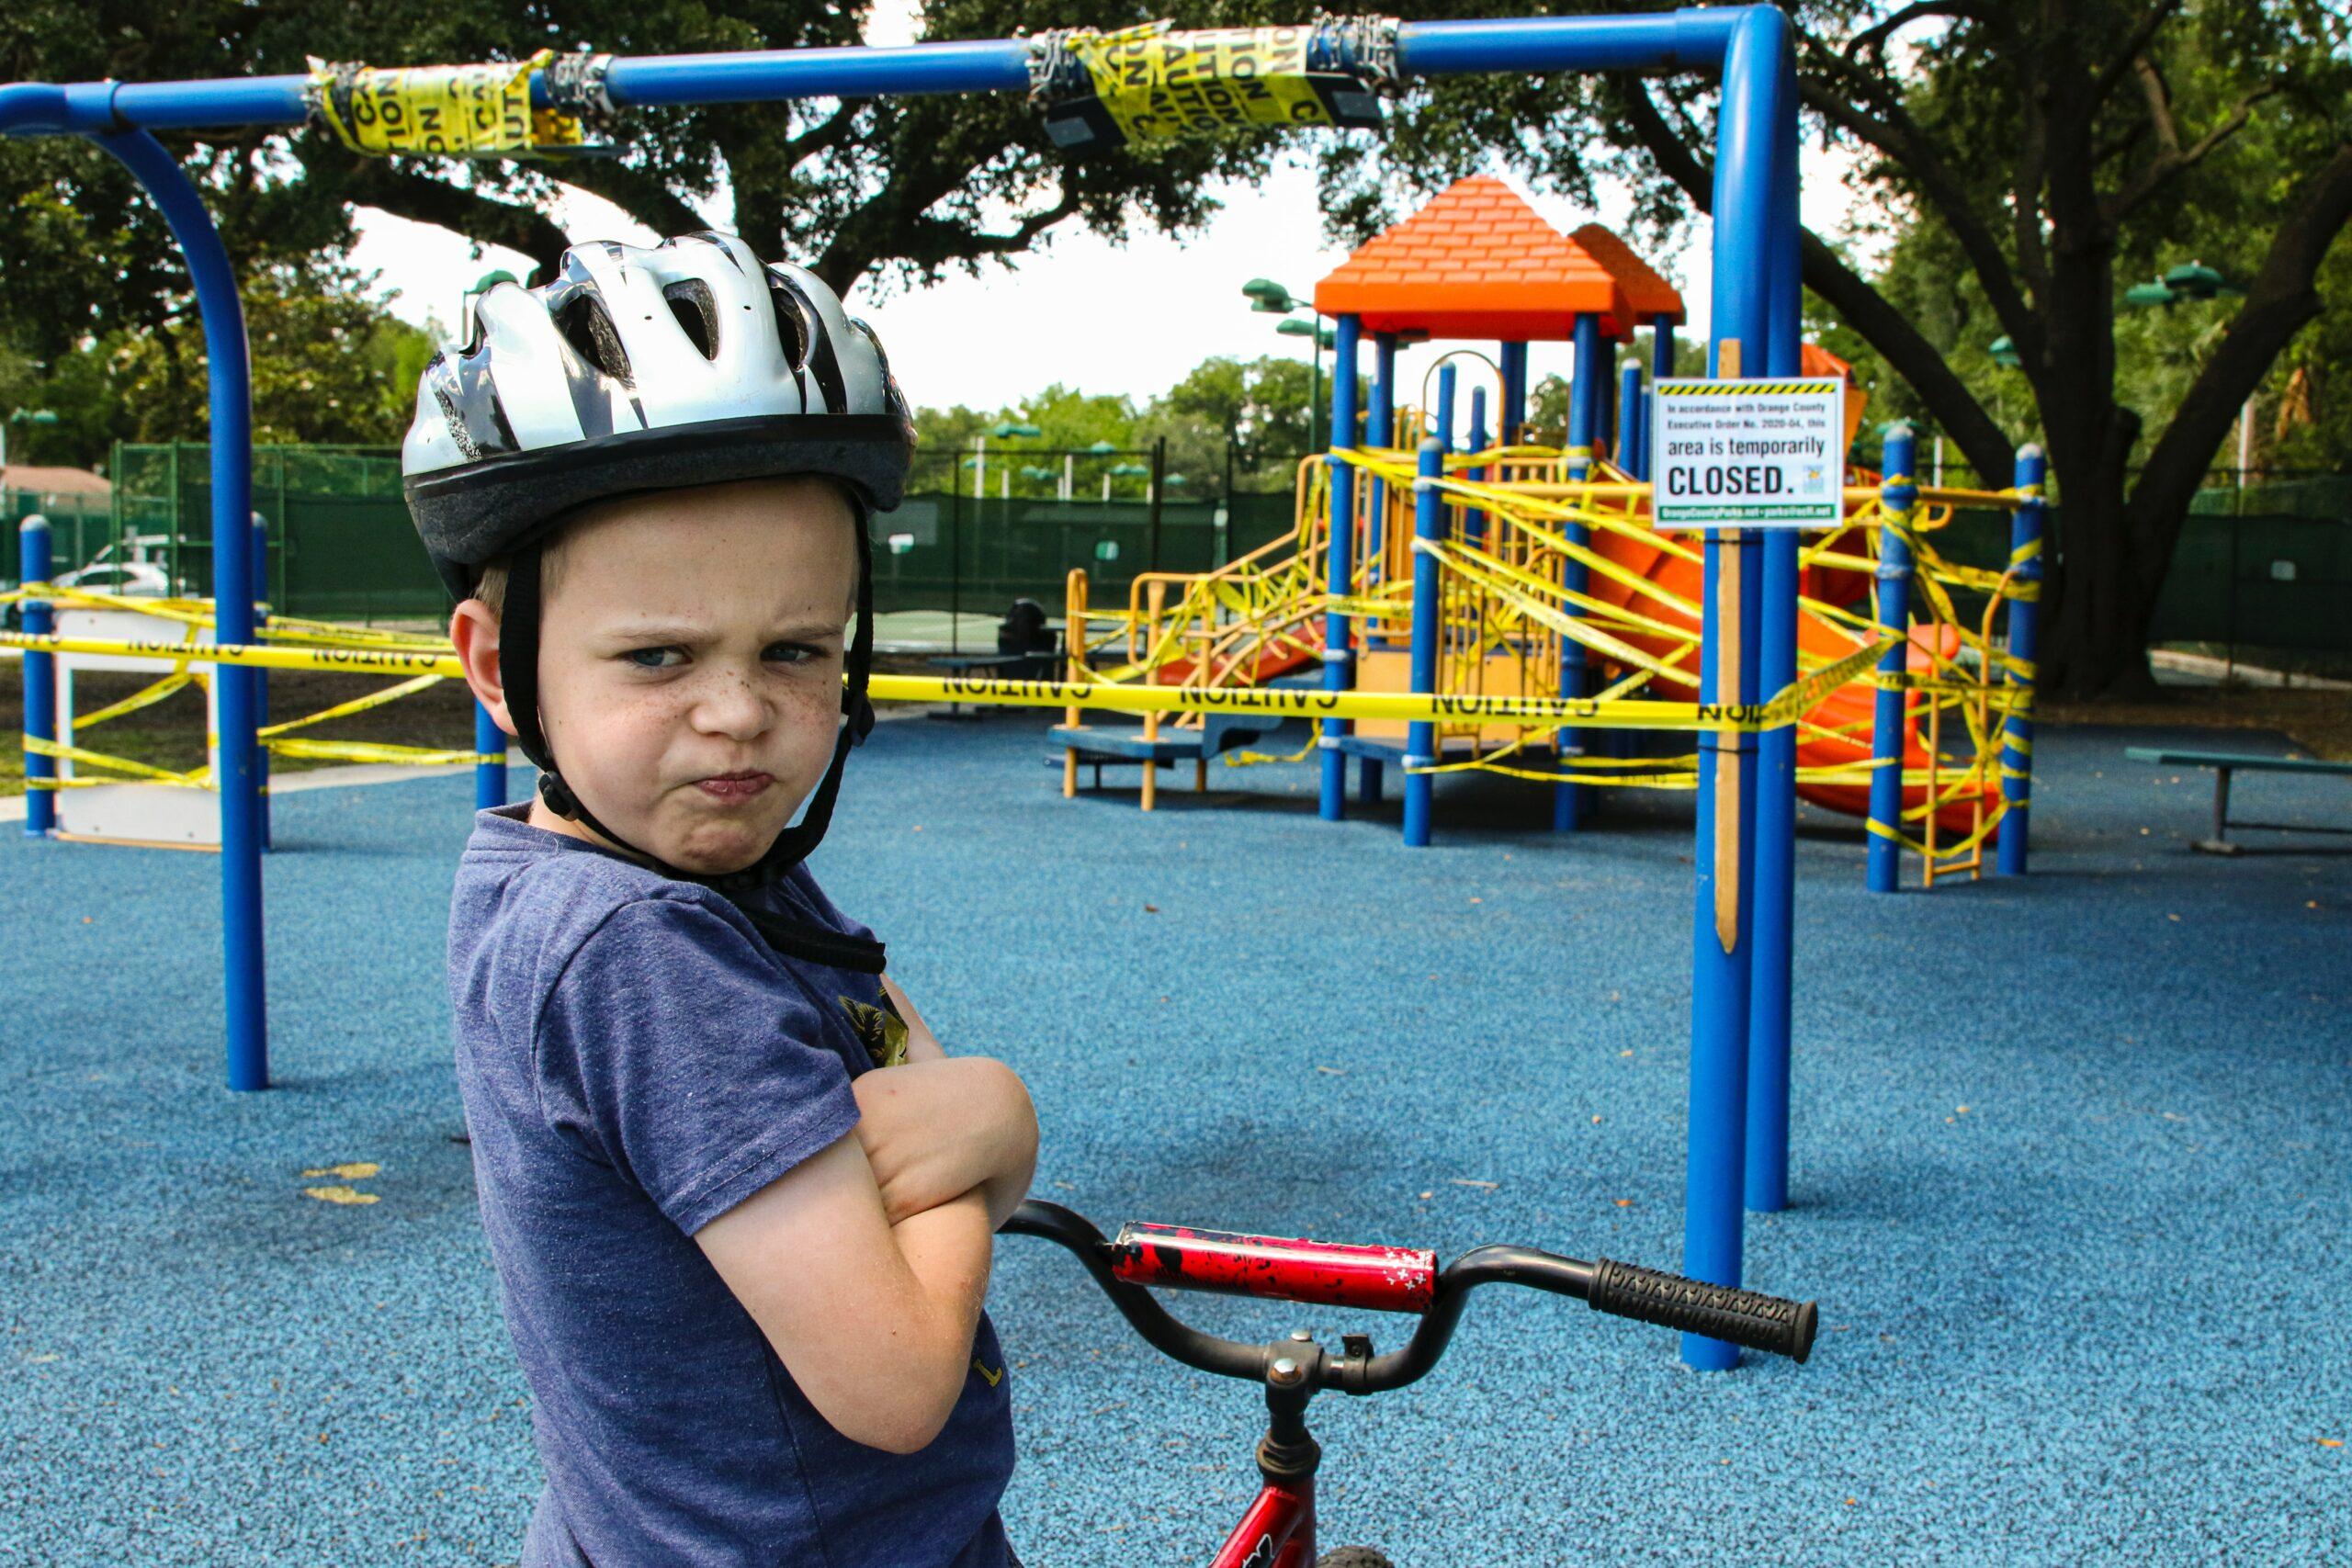 Veterans Park playground closed due to flooring repairs